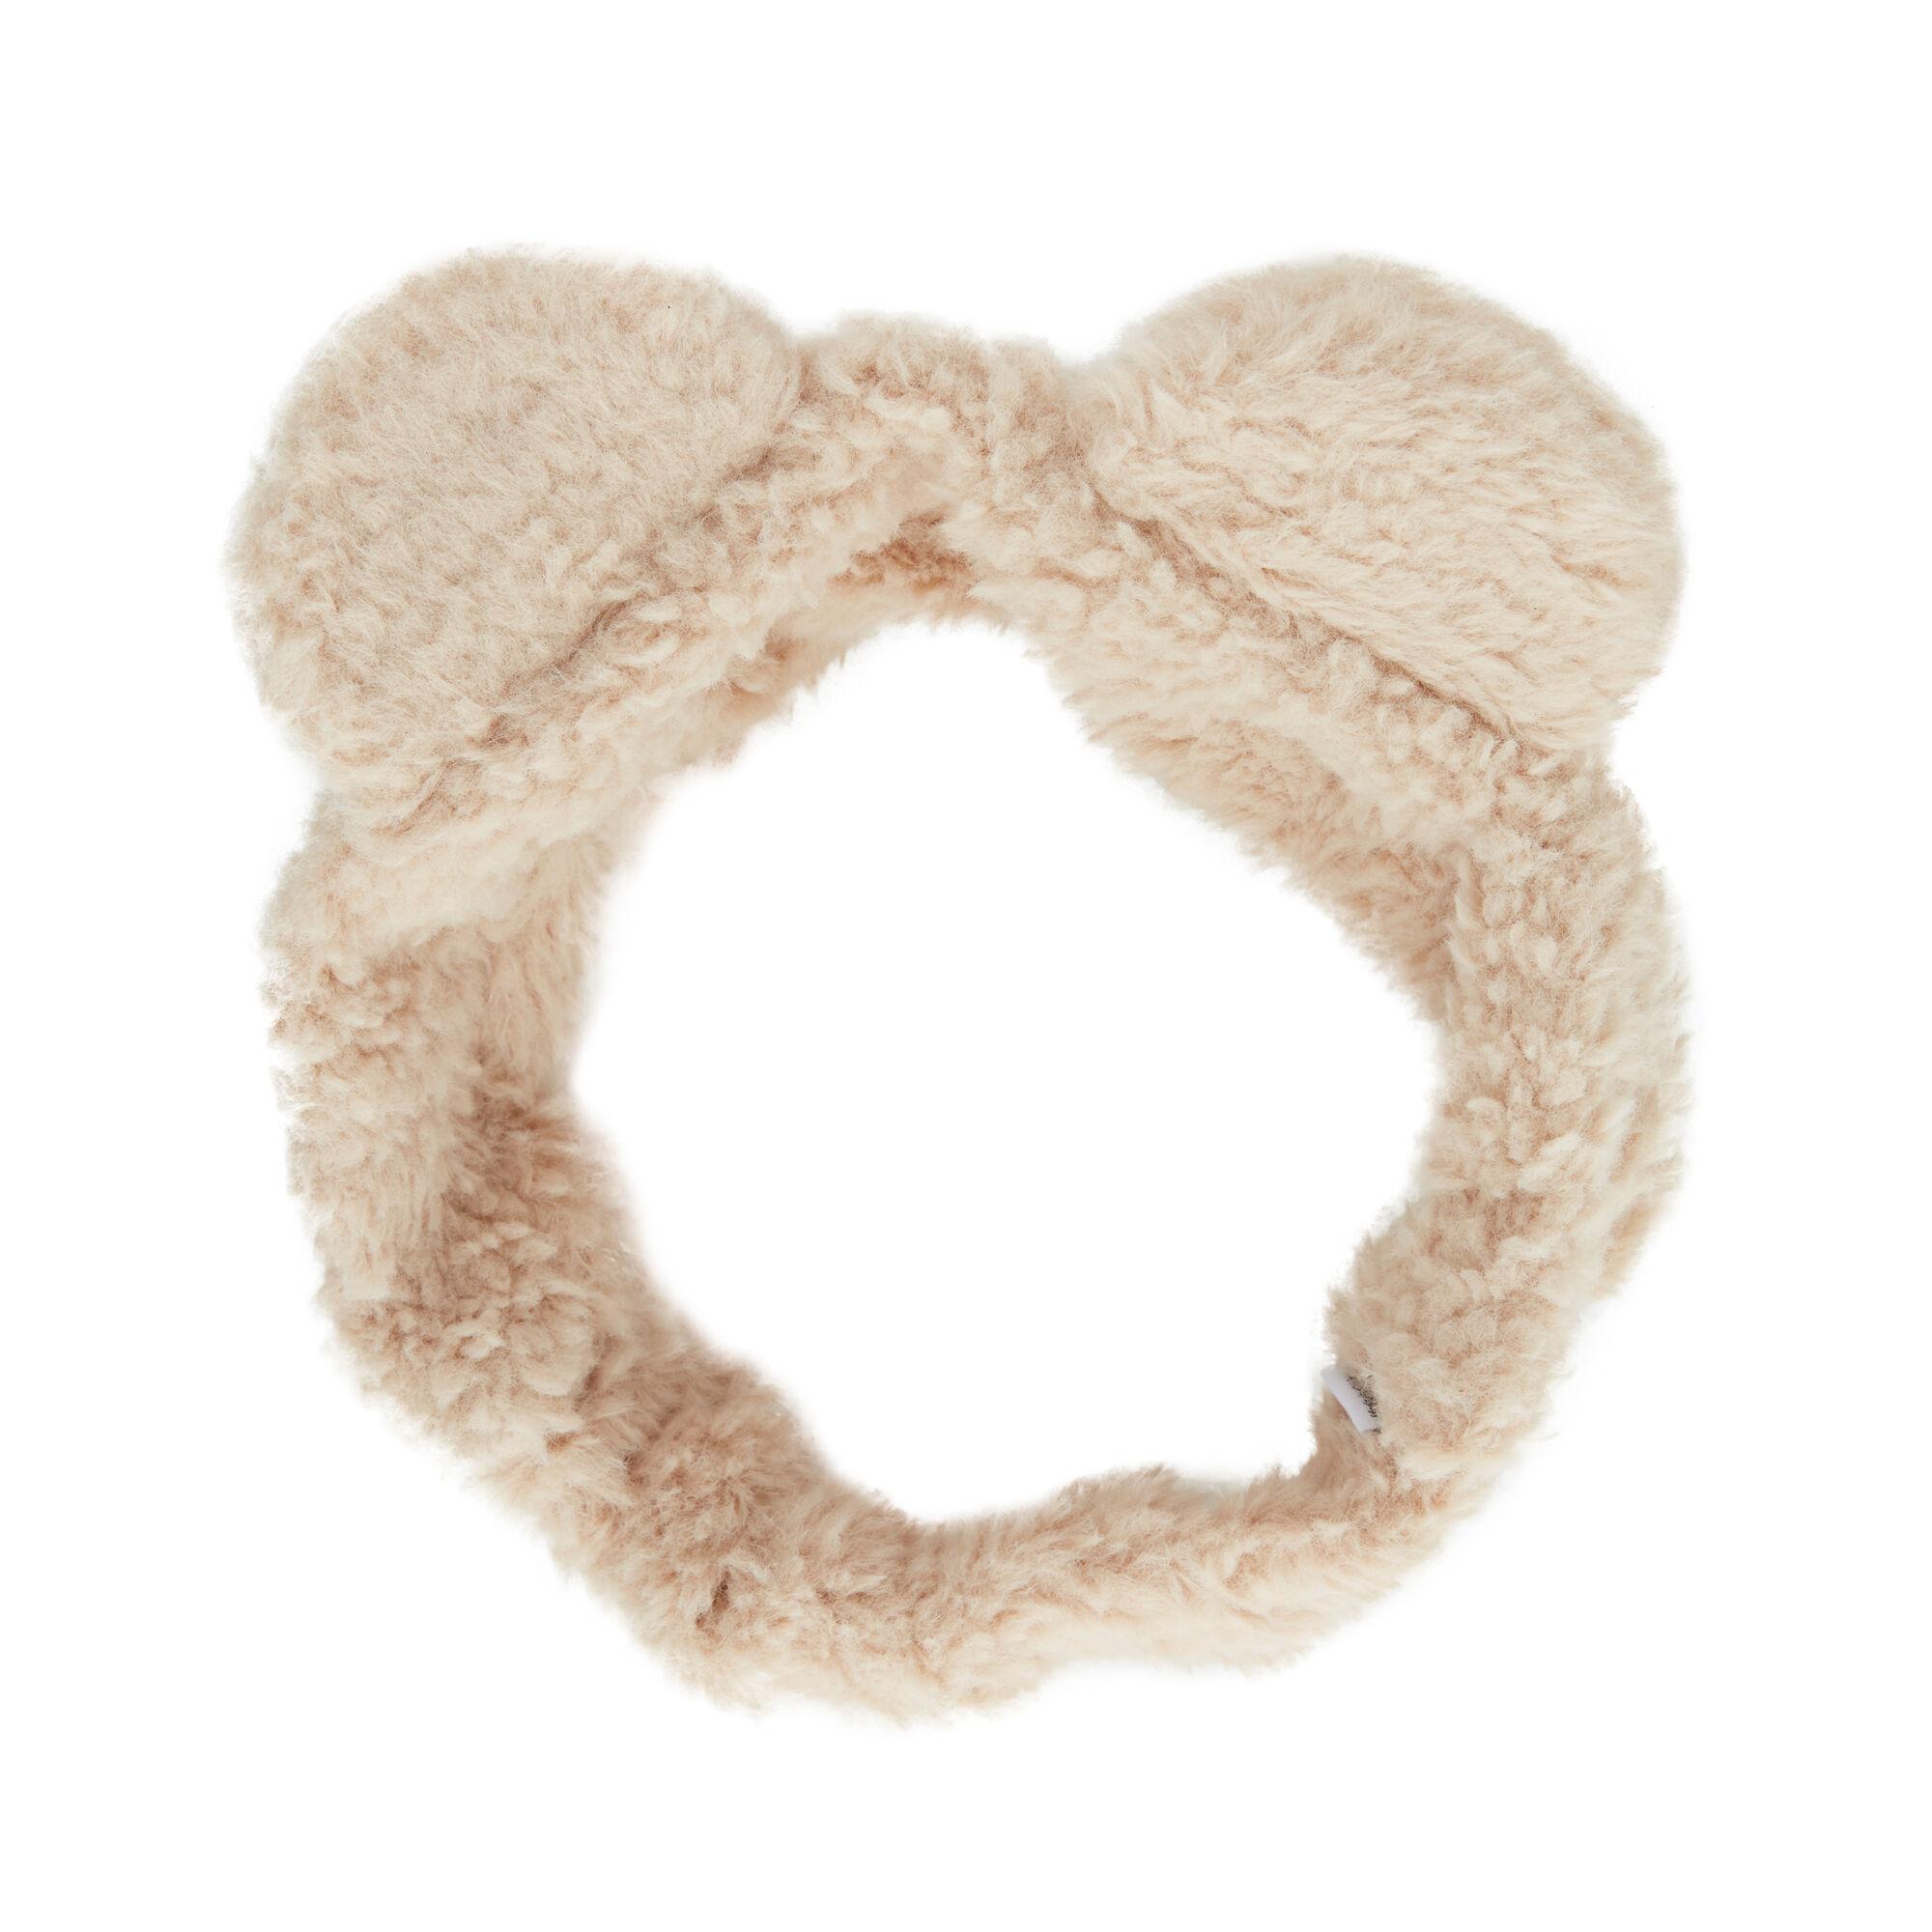 Fuzzy Headband, Natural Sand